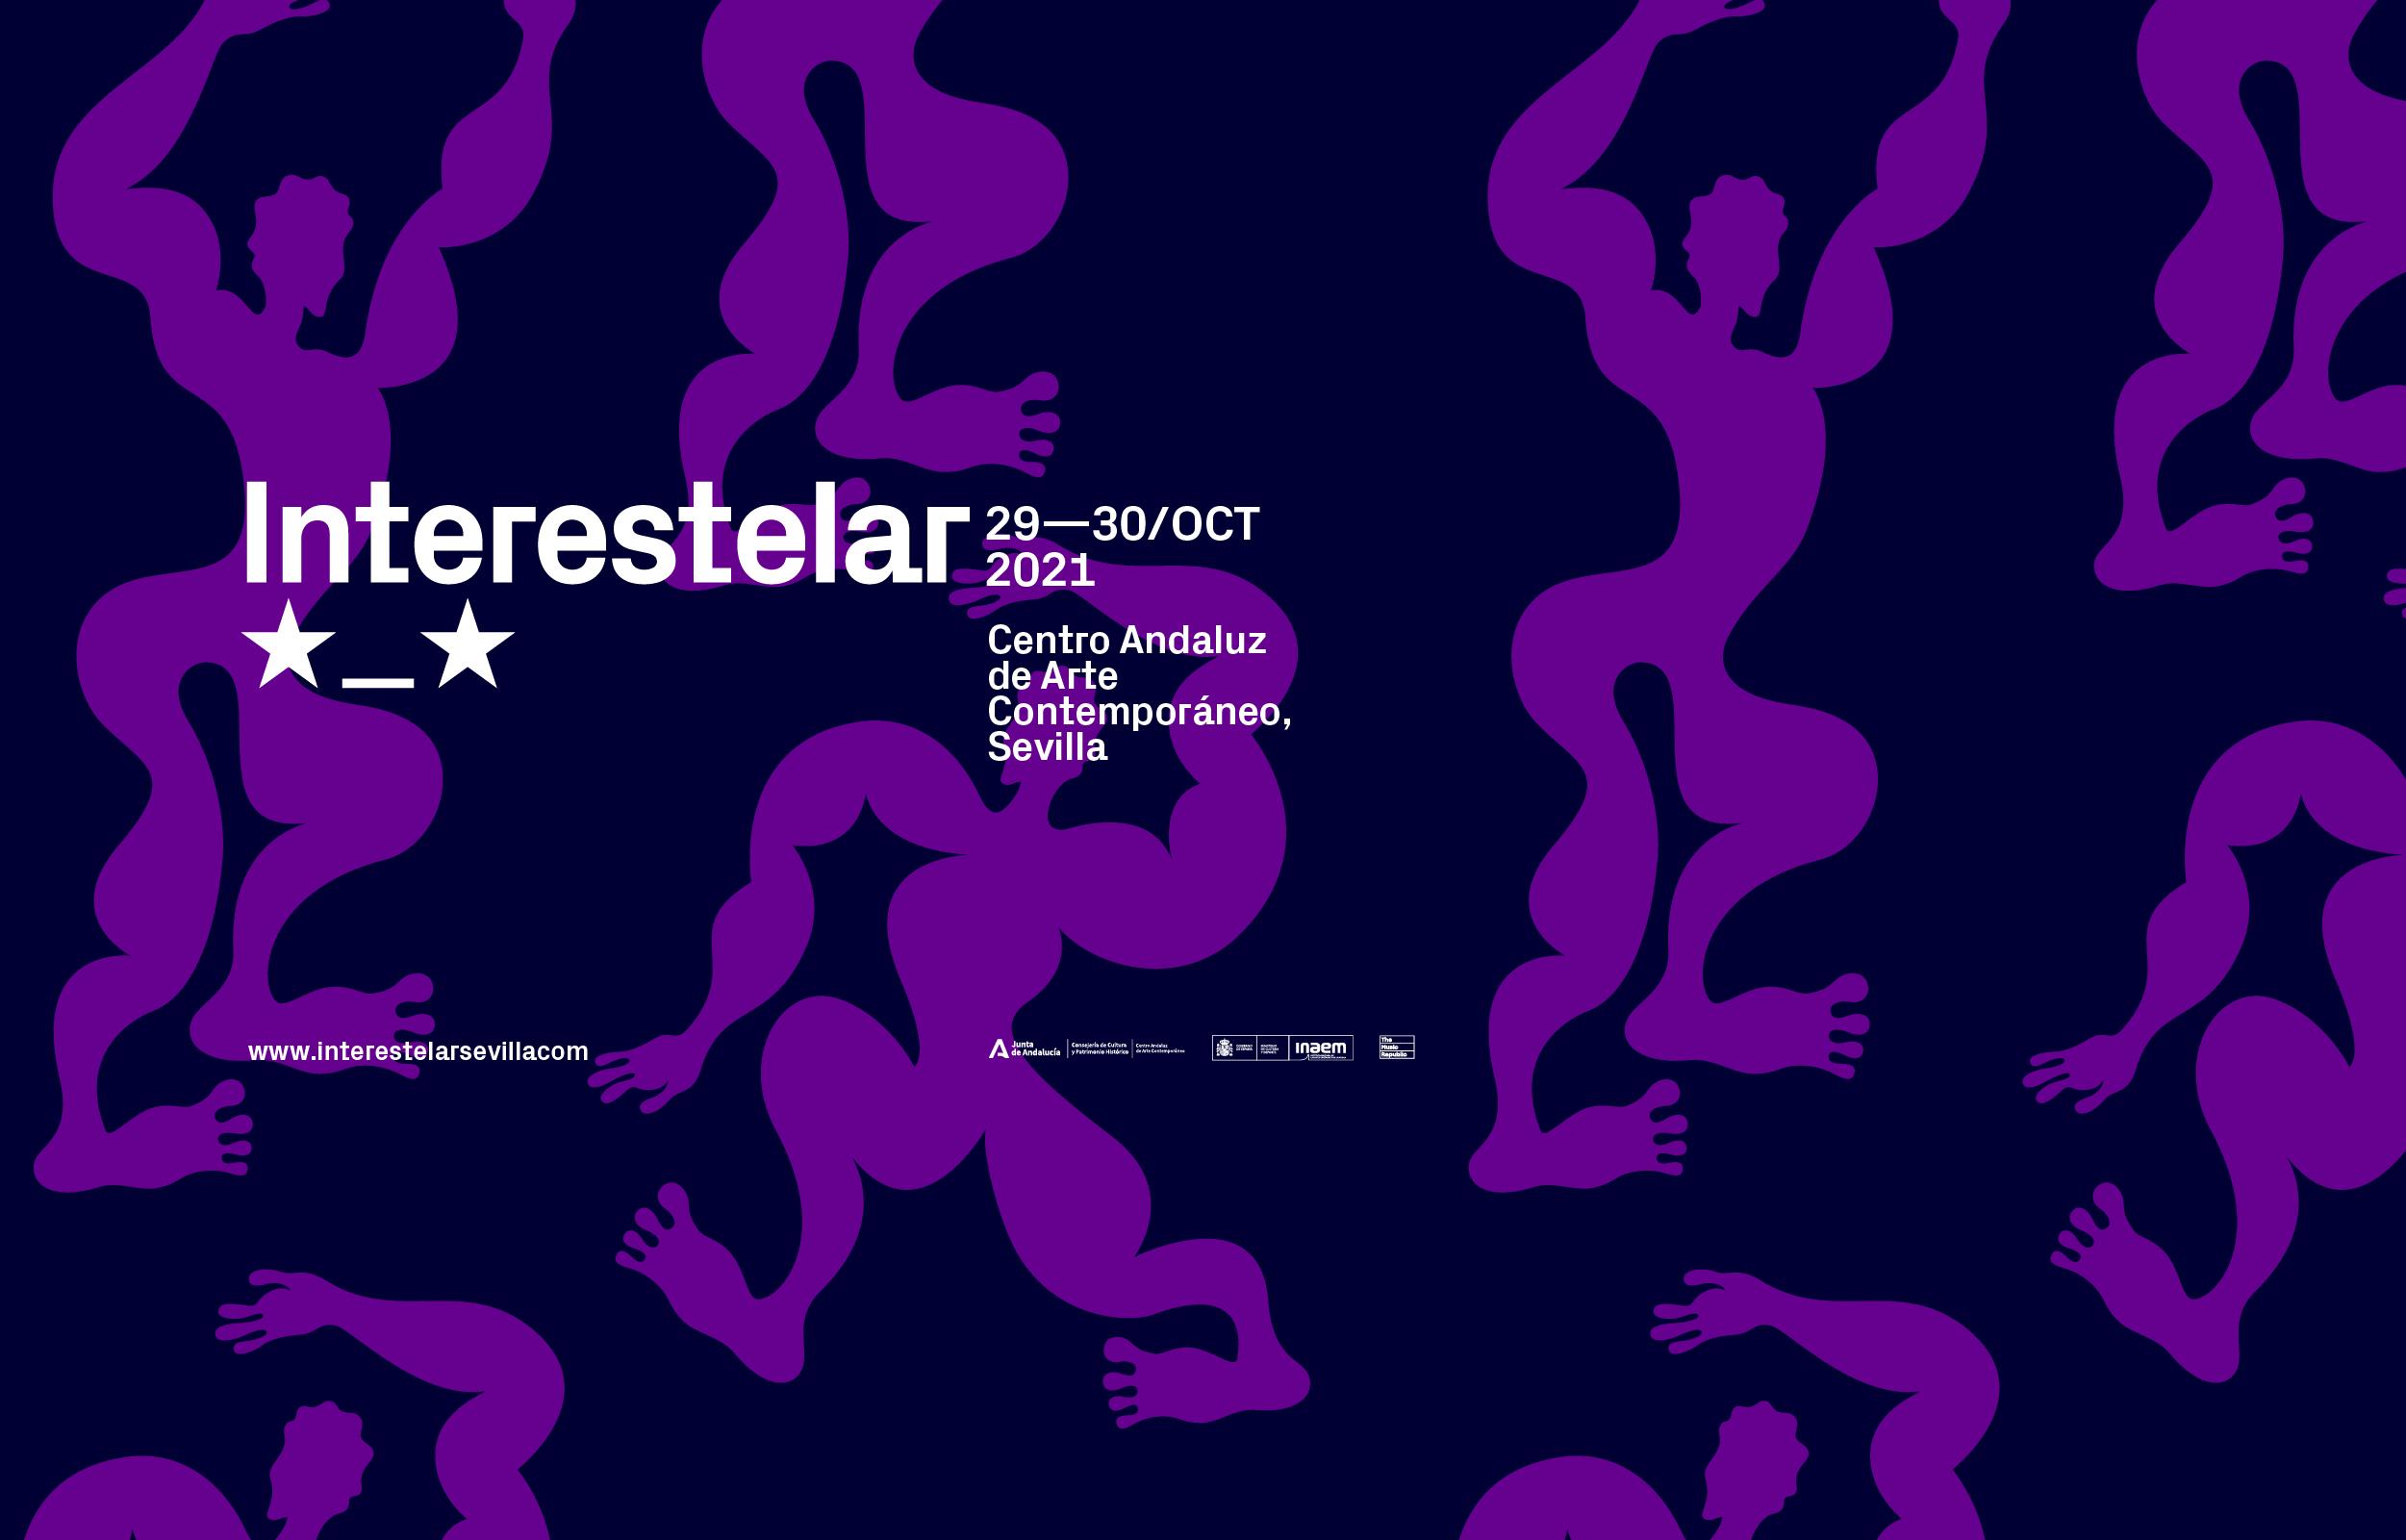 interestelar sevilla 2021 16311728036119144